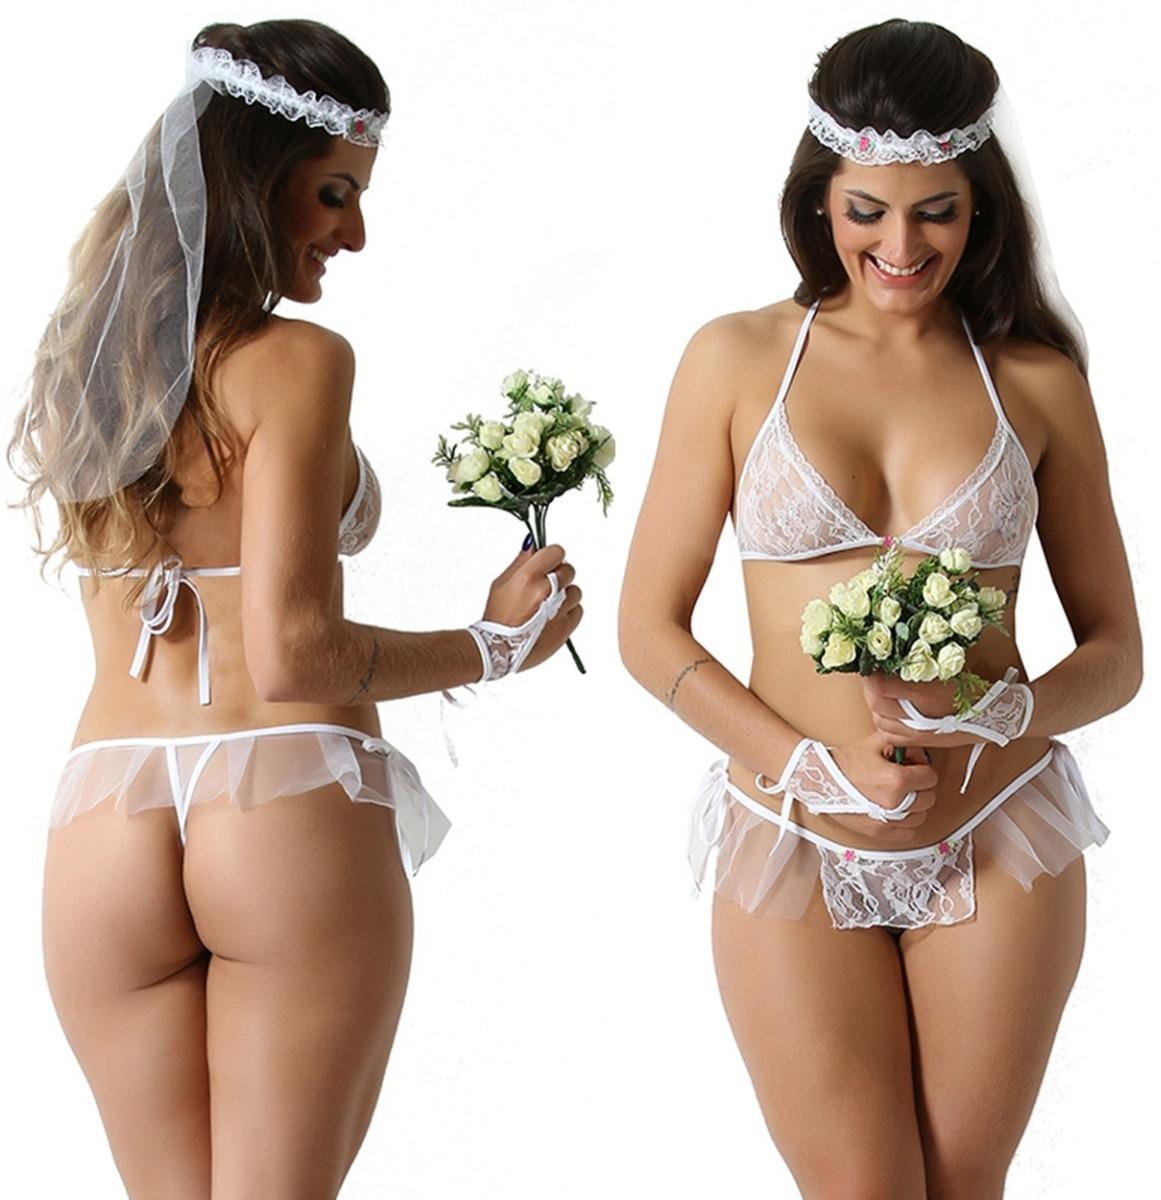 Fantasia Sensual Moda Intima Fantasia Noiva Lingerie Sexy - R 36,16 Em Mercado Livre-5308